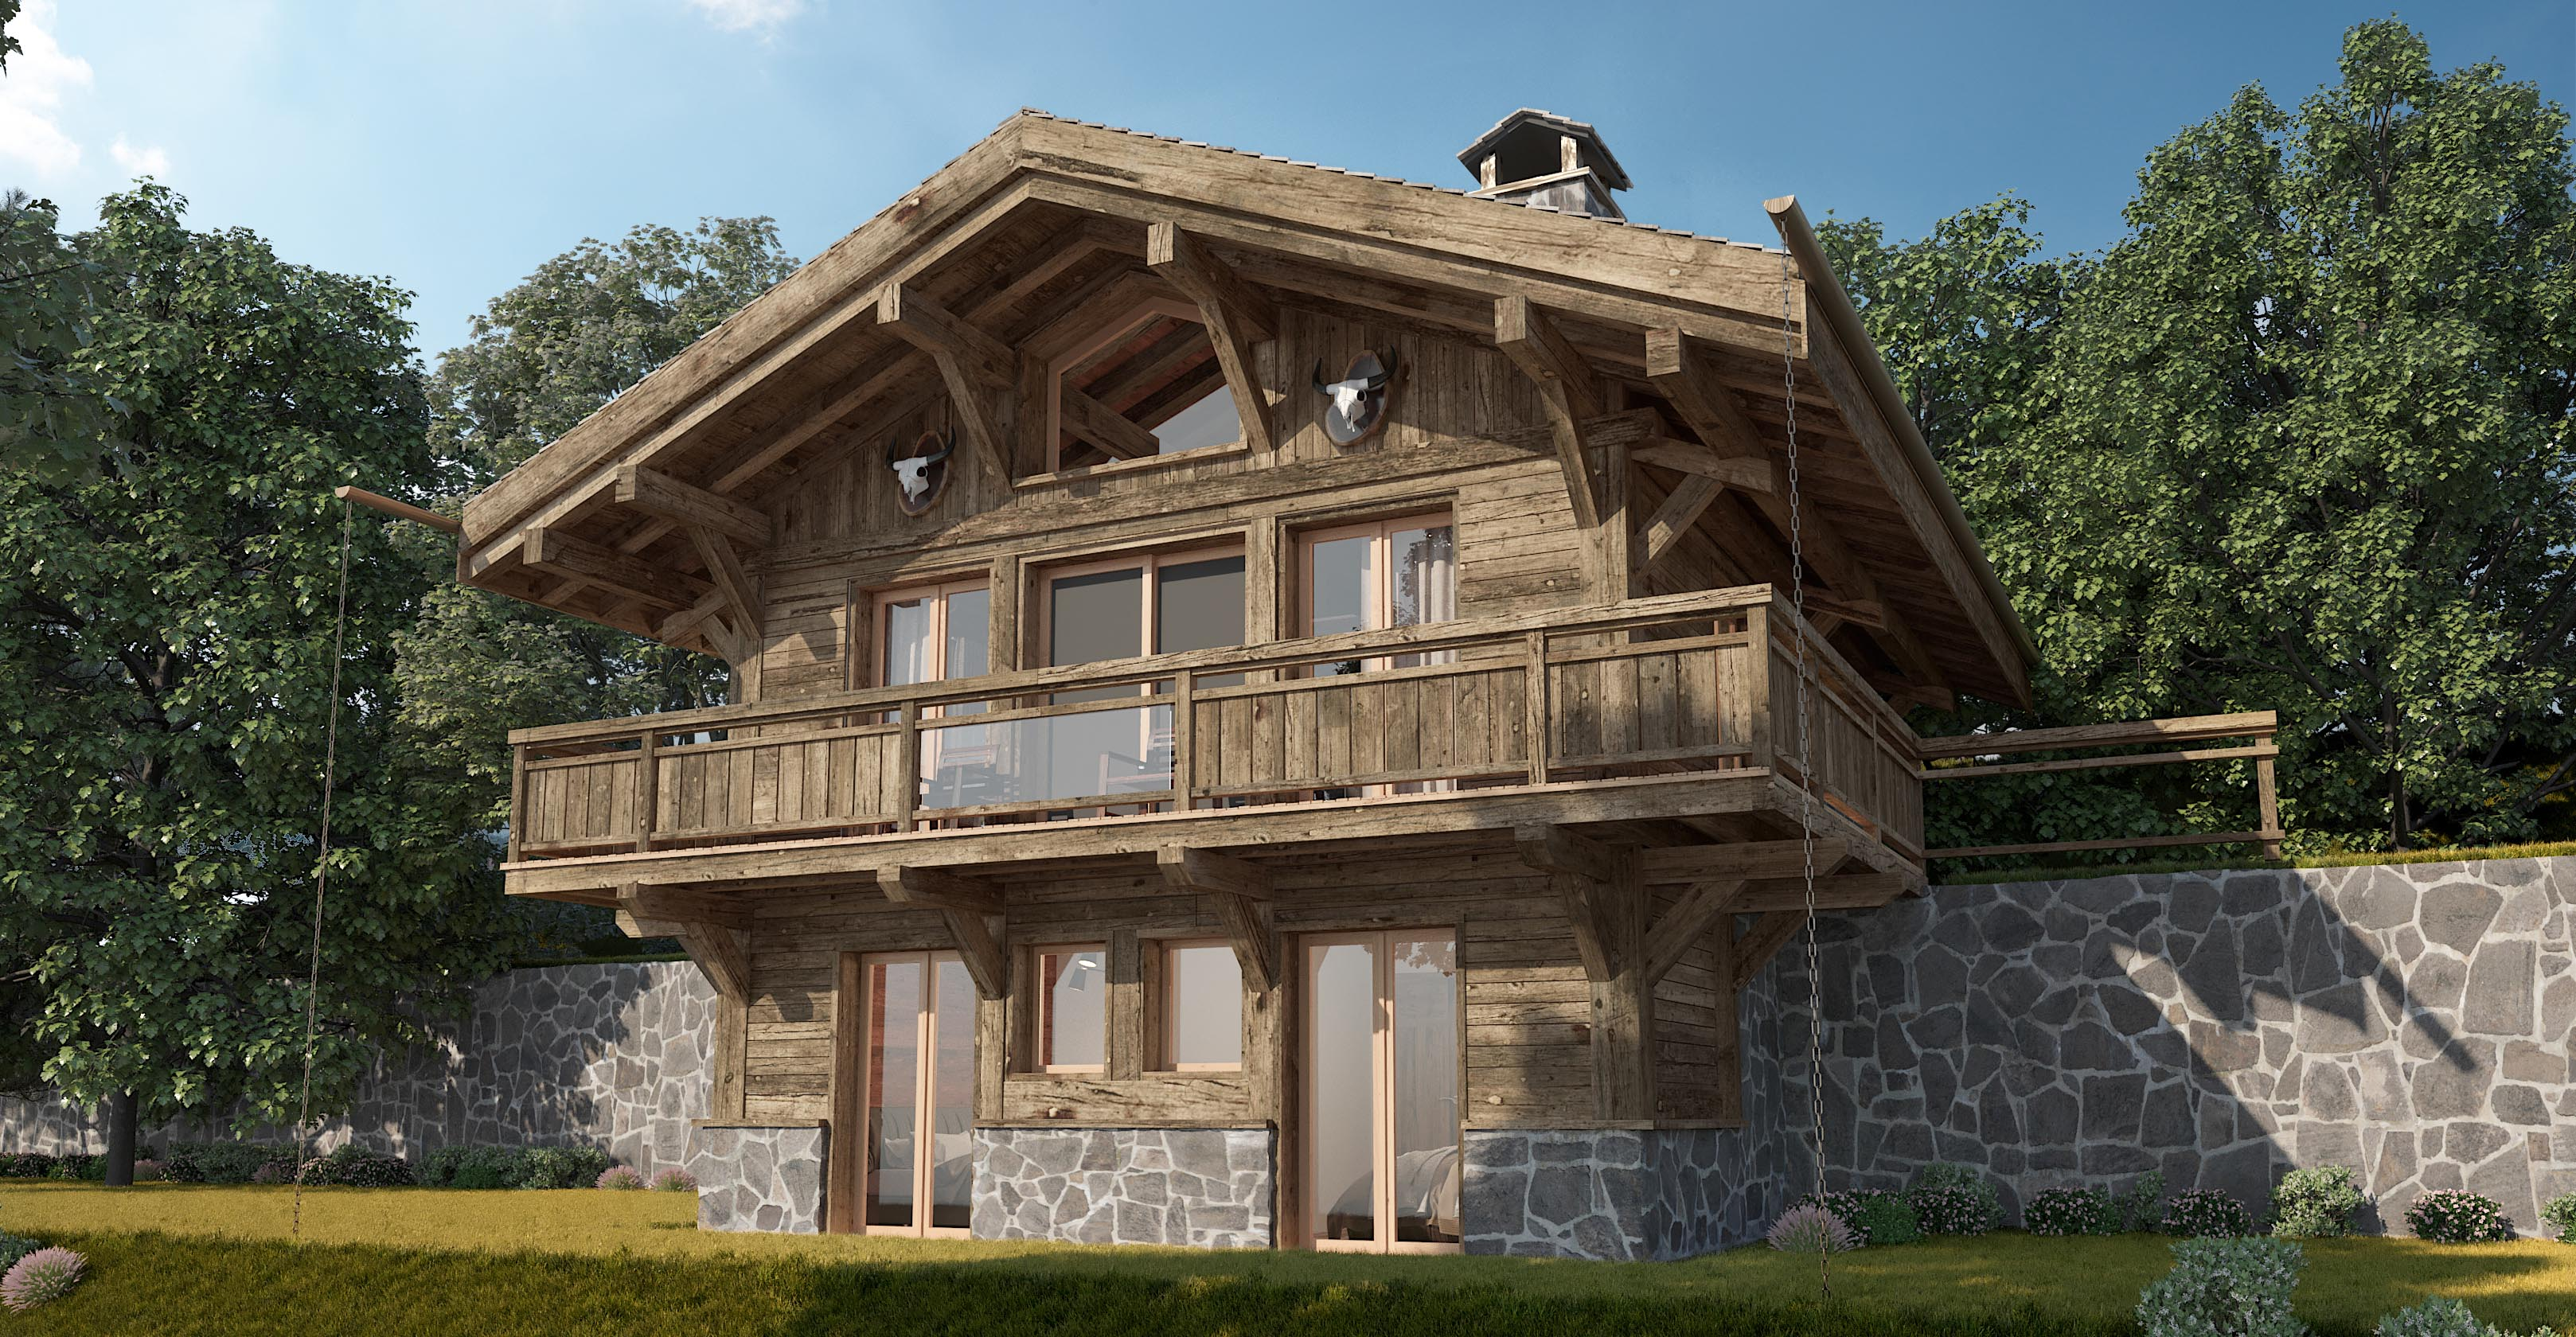 Chalet Bishorn Chalet, Switzerland